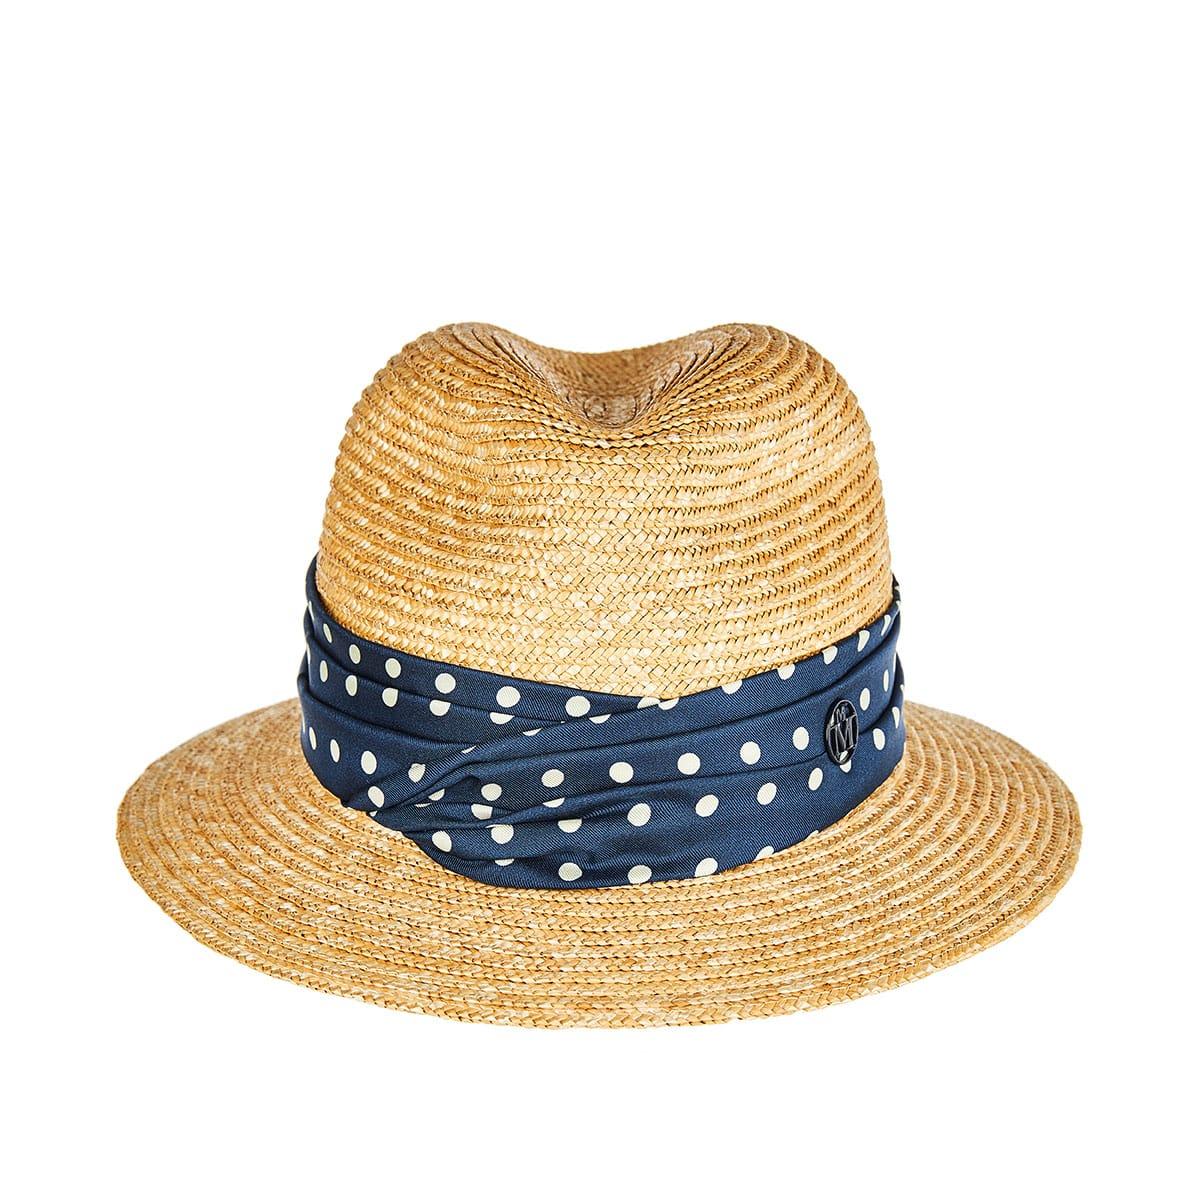 Bobbie straw hat